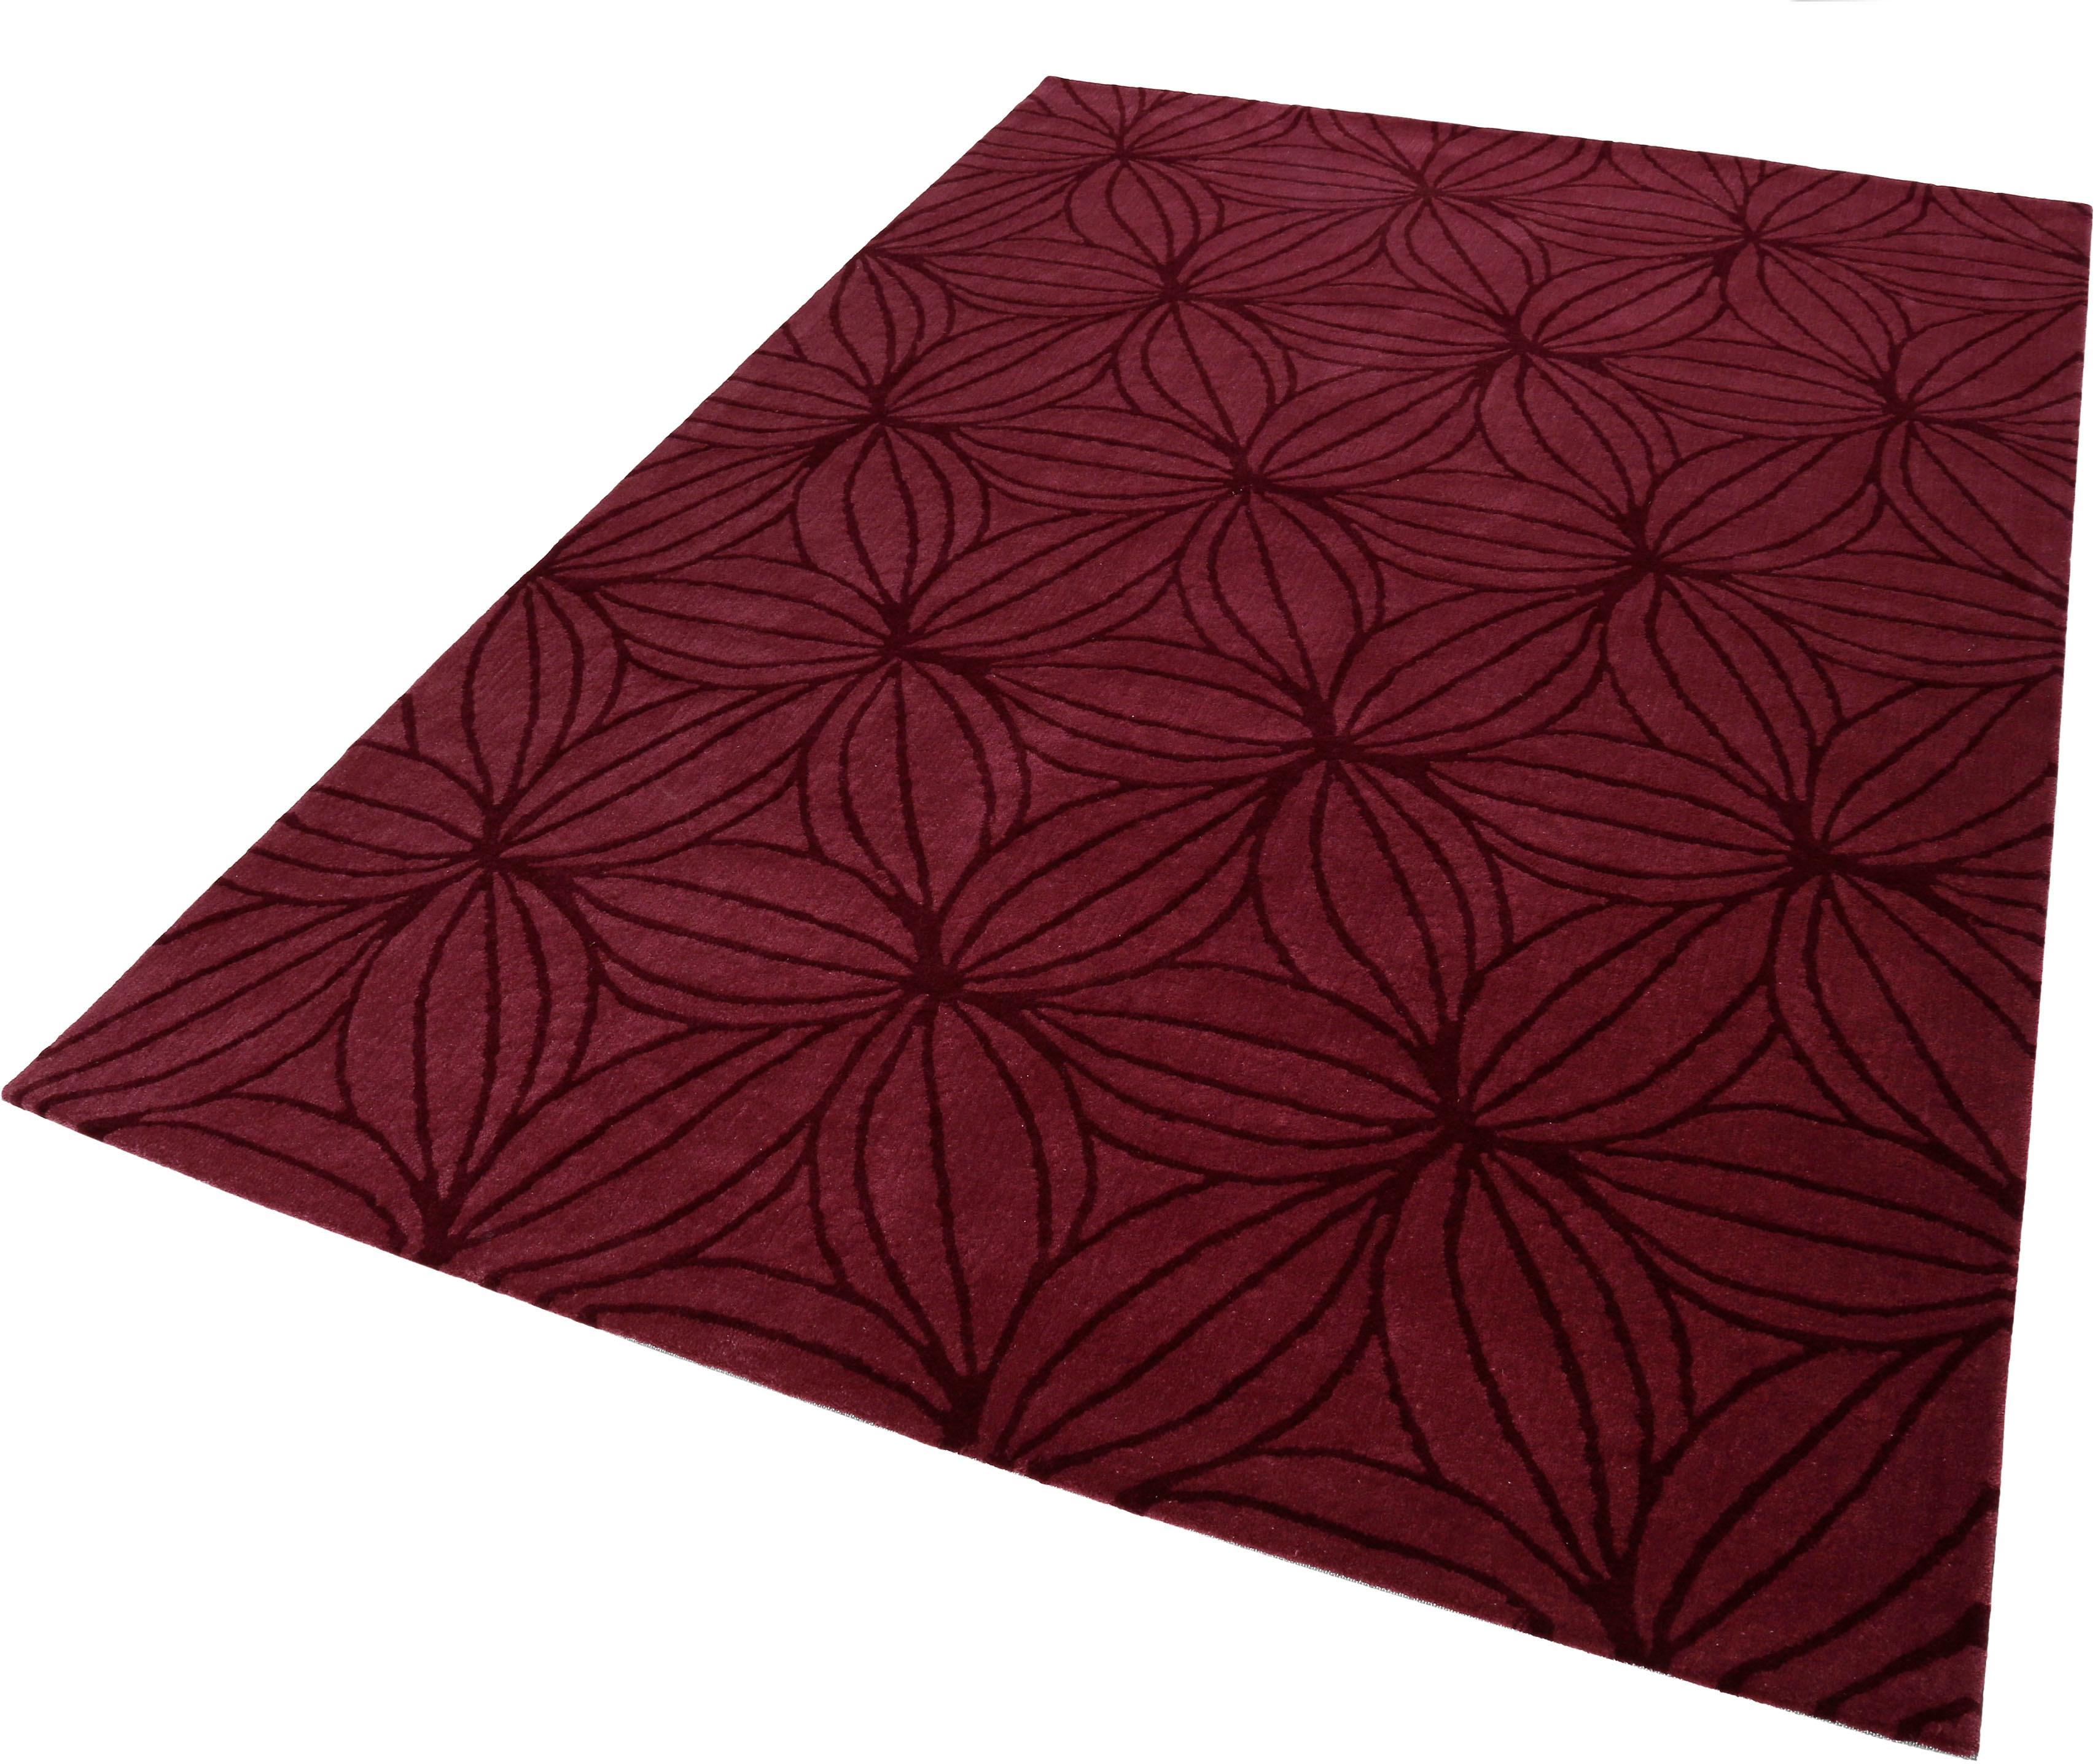 Wollteppich Oria Esprit rechteckig Höhe 10 mm handgetuftet